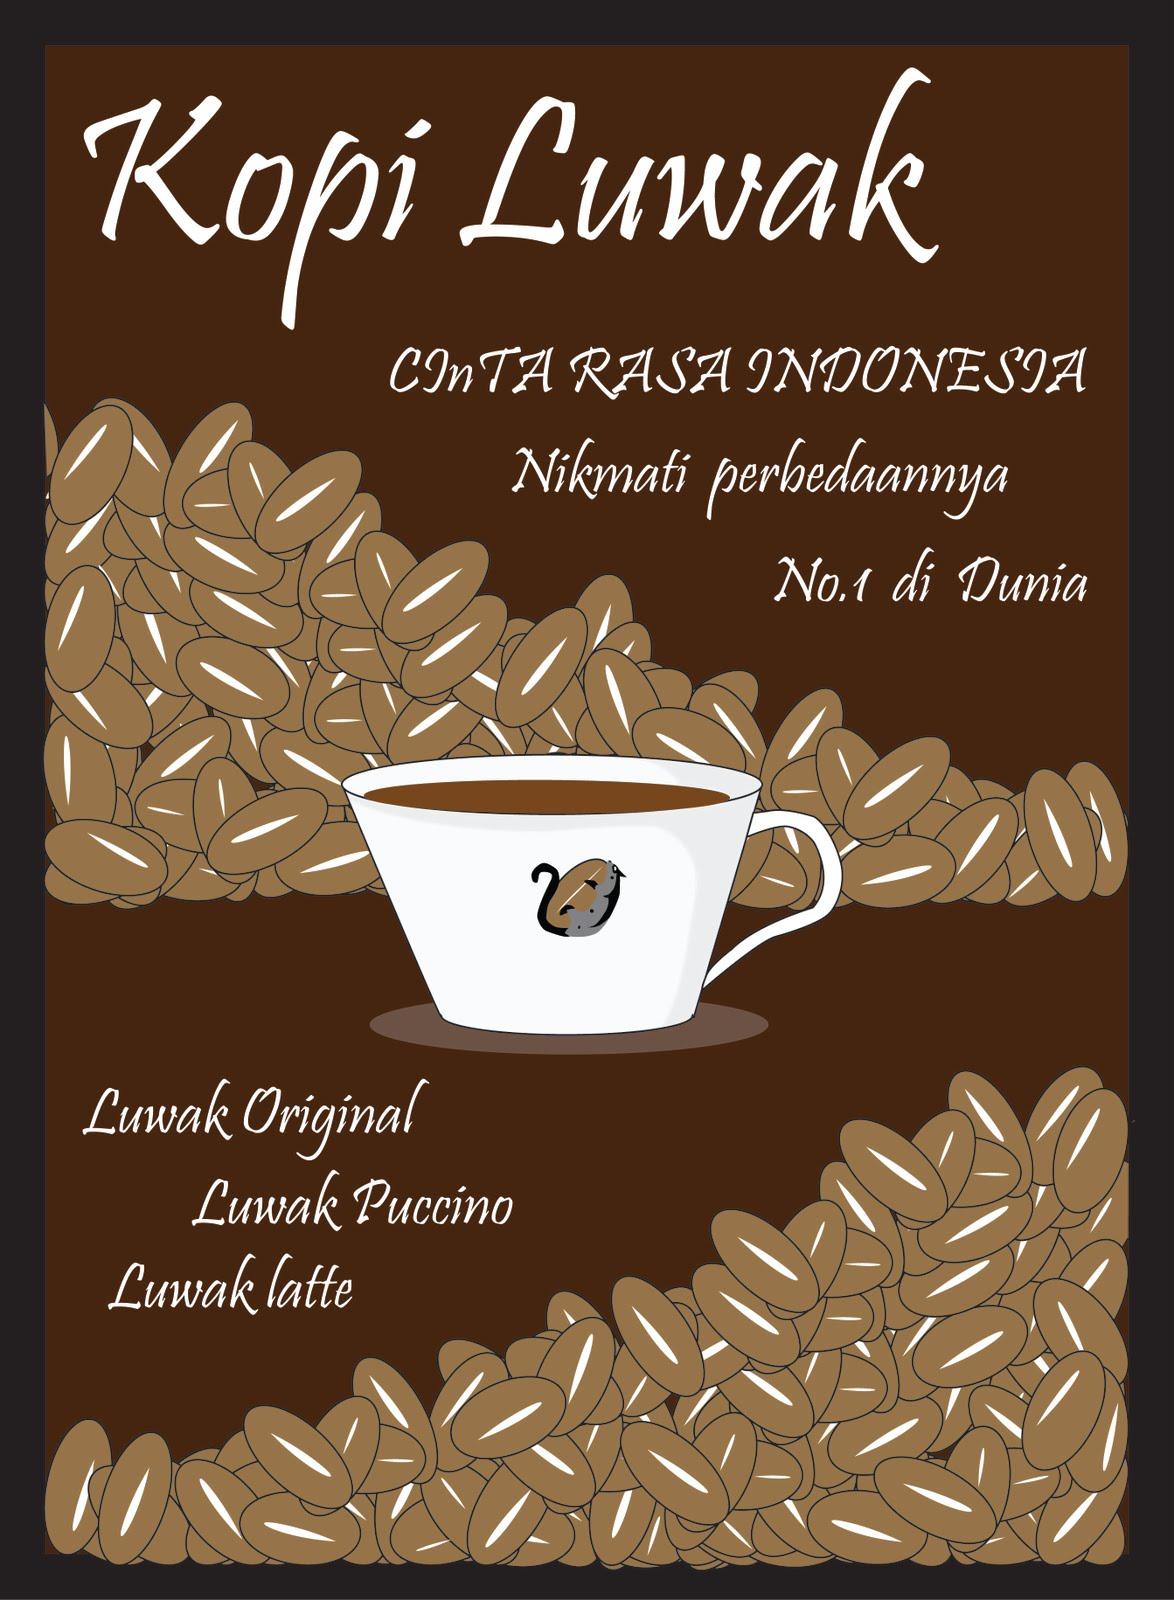 poster produk kopi luwak